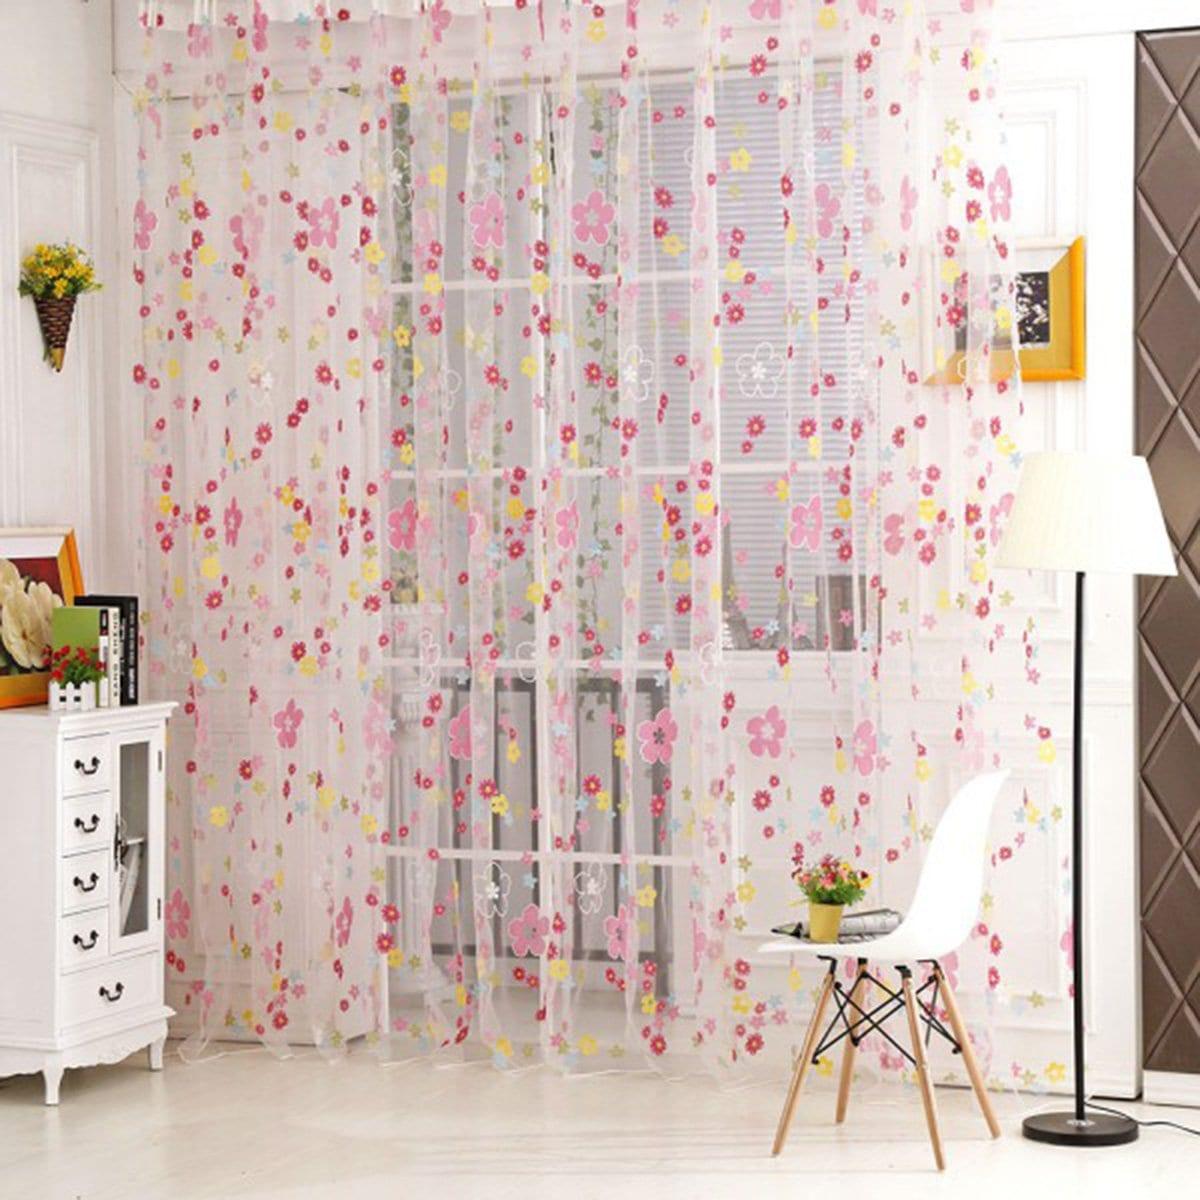 Doorzichtig gordijn met florale print